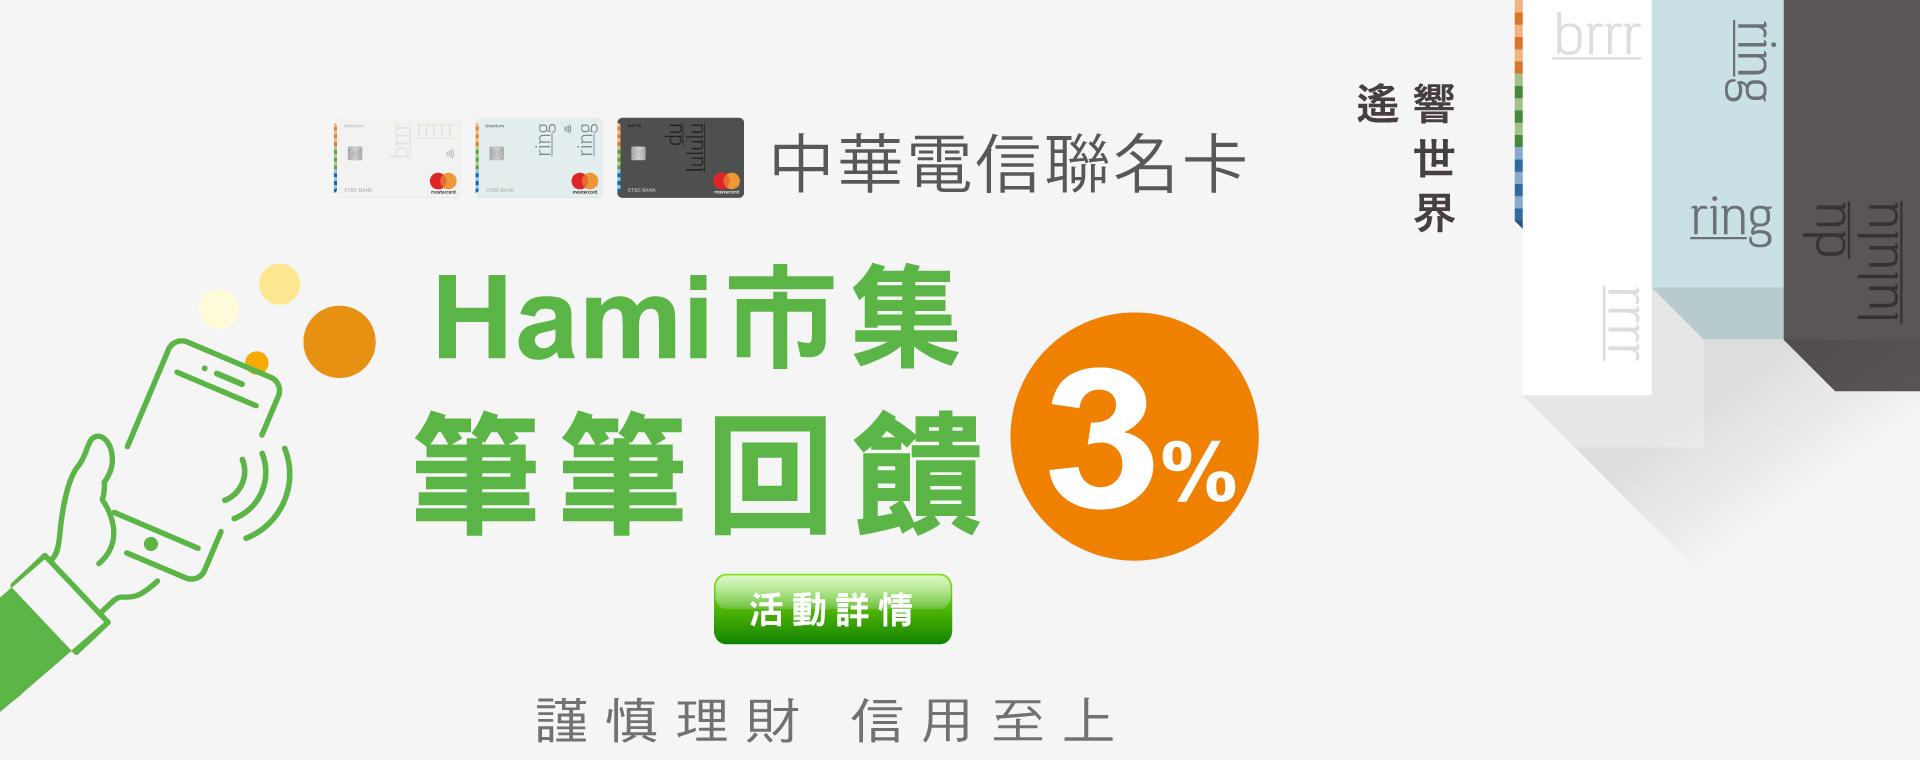 中華電信聯名卡3%